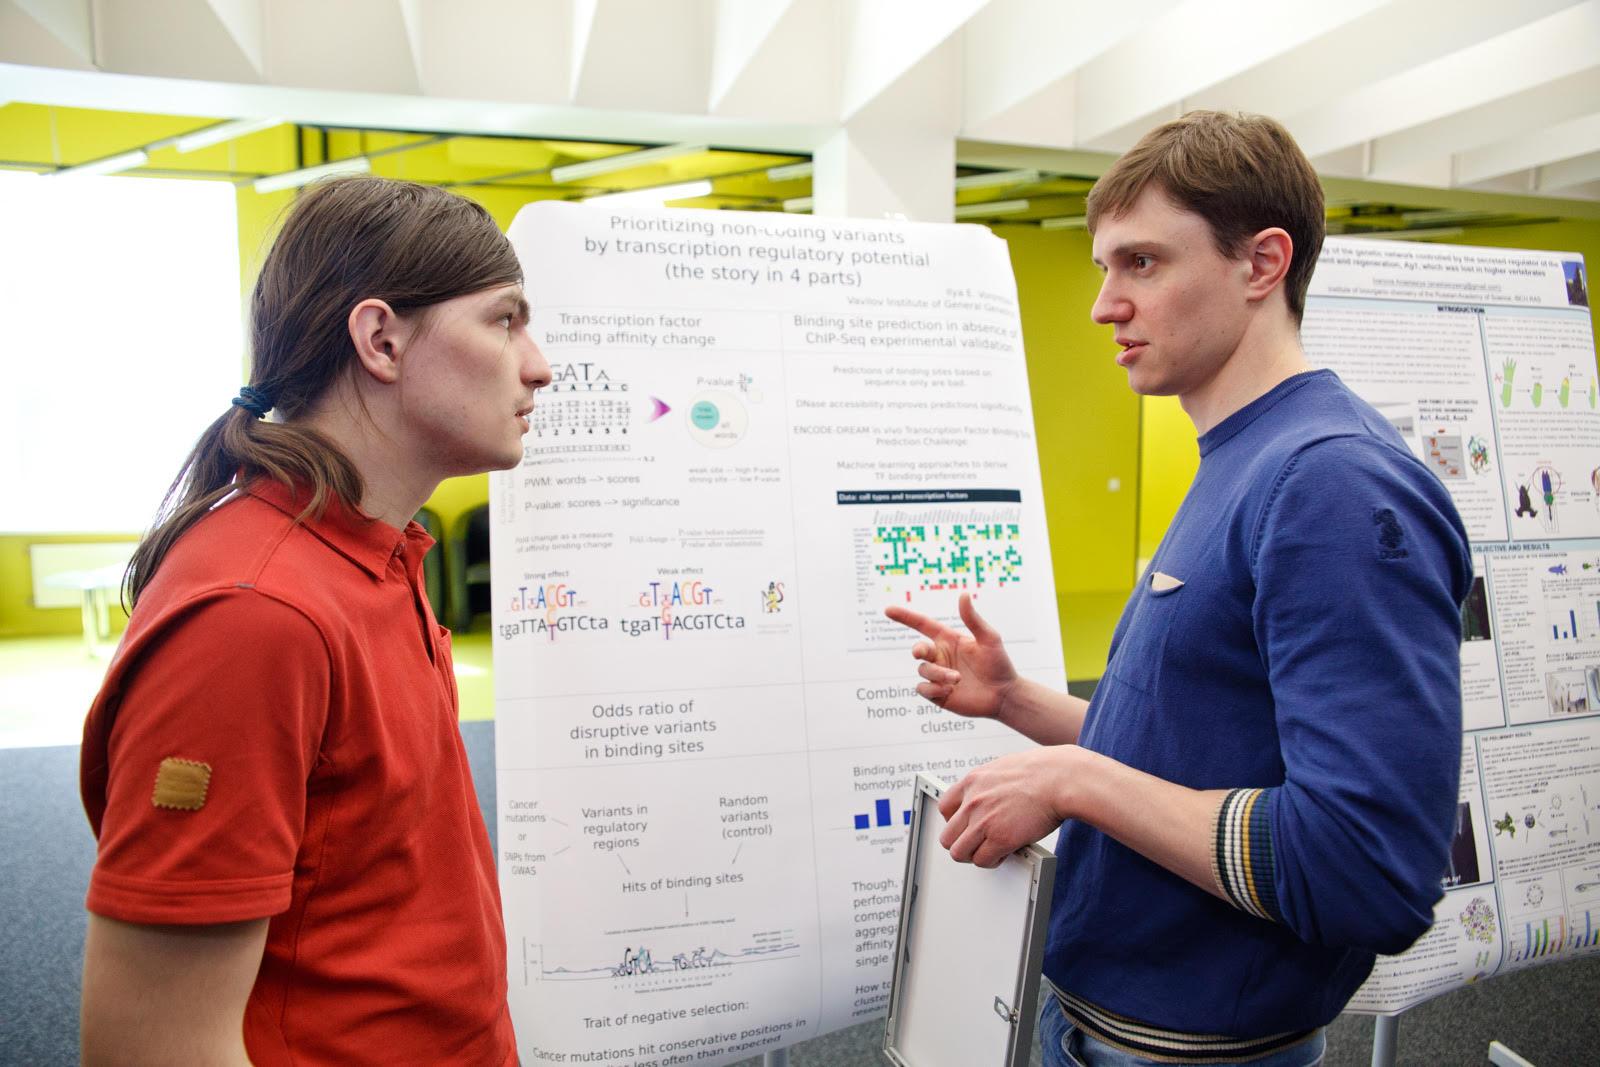 PhD student Ilya Vorontsov and postdoctoral researcher Dmitry Svetlichnyy pictured at Skoltech.